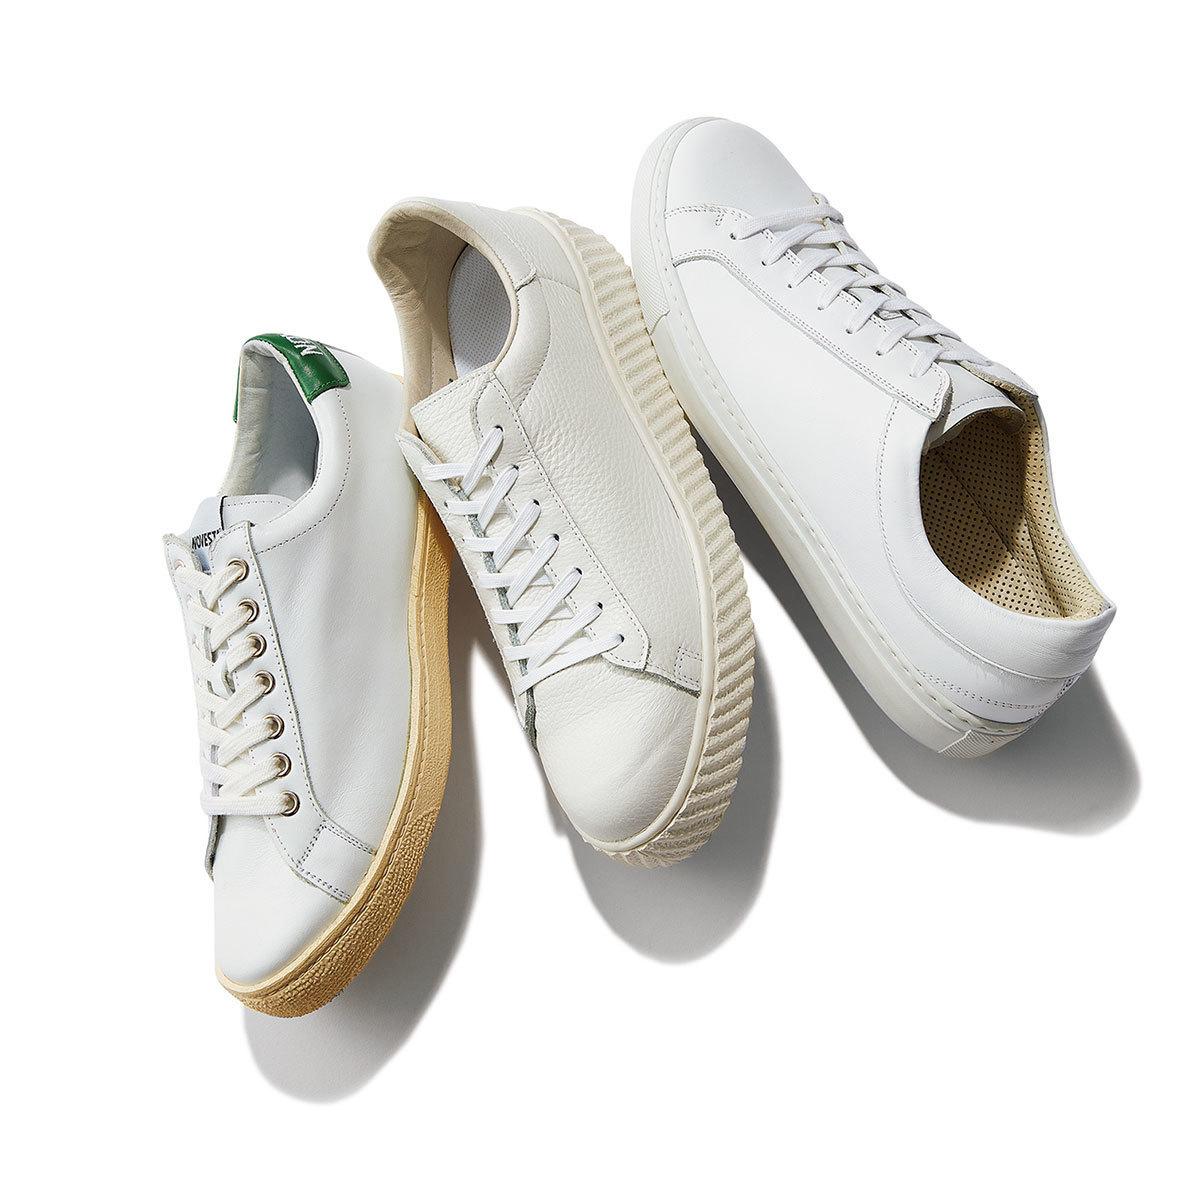 40代のスニーカーお悩み解決からとにかく使える春の靴まで【人気記事ランキングトップ5】_1_1-1